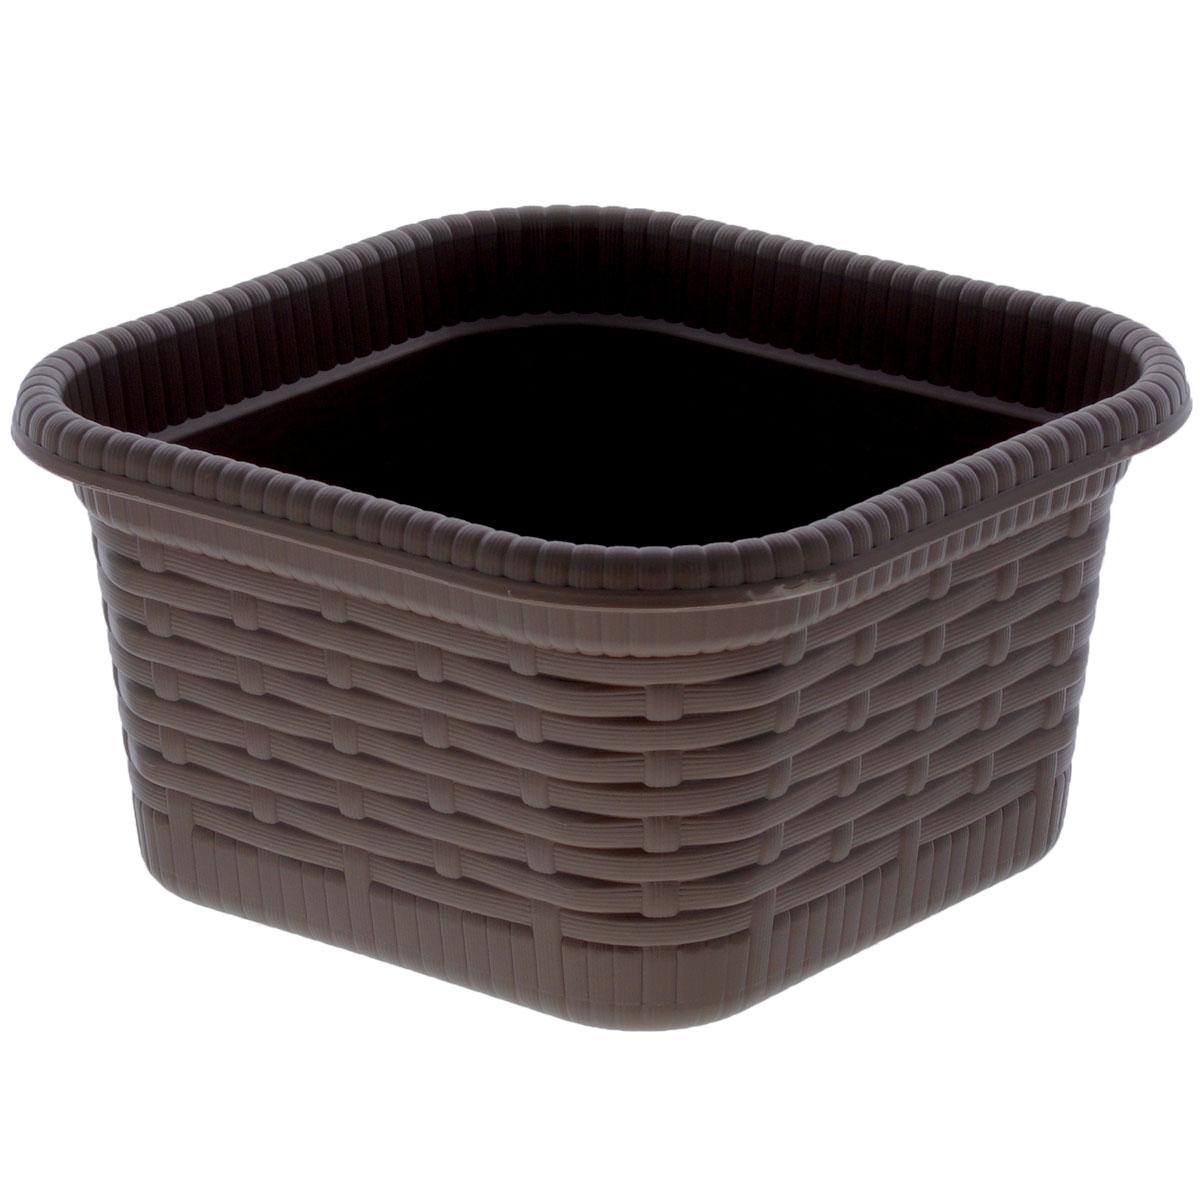 Корзина хозяйственная Gensini Rattan, цвет: кофейный, 15 х 15 х 8 см3340_коричневыйКорзина хозяйственная Gensini Rattan, выполненная из пластика, предназначена для хранения мелочей в ванной, на кухне, на даче или в гараже, исключая возможность их потери. Легкая воздушная корзина выполнена под плетенку и оснащена жесткой кромкой. Элегантный дизайн подойдет к интерьеру любого дома.